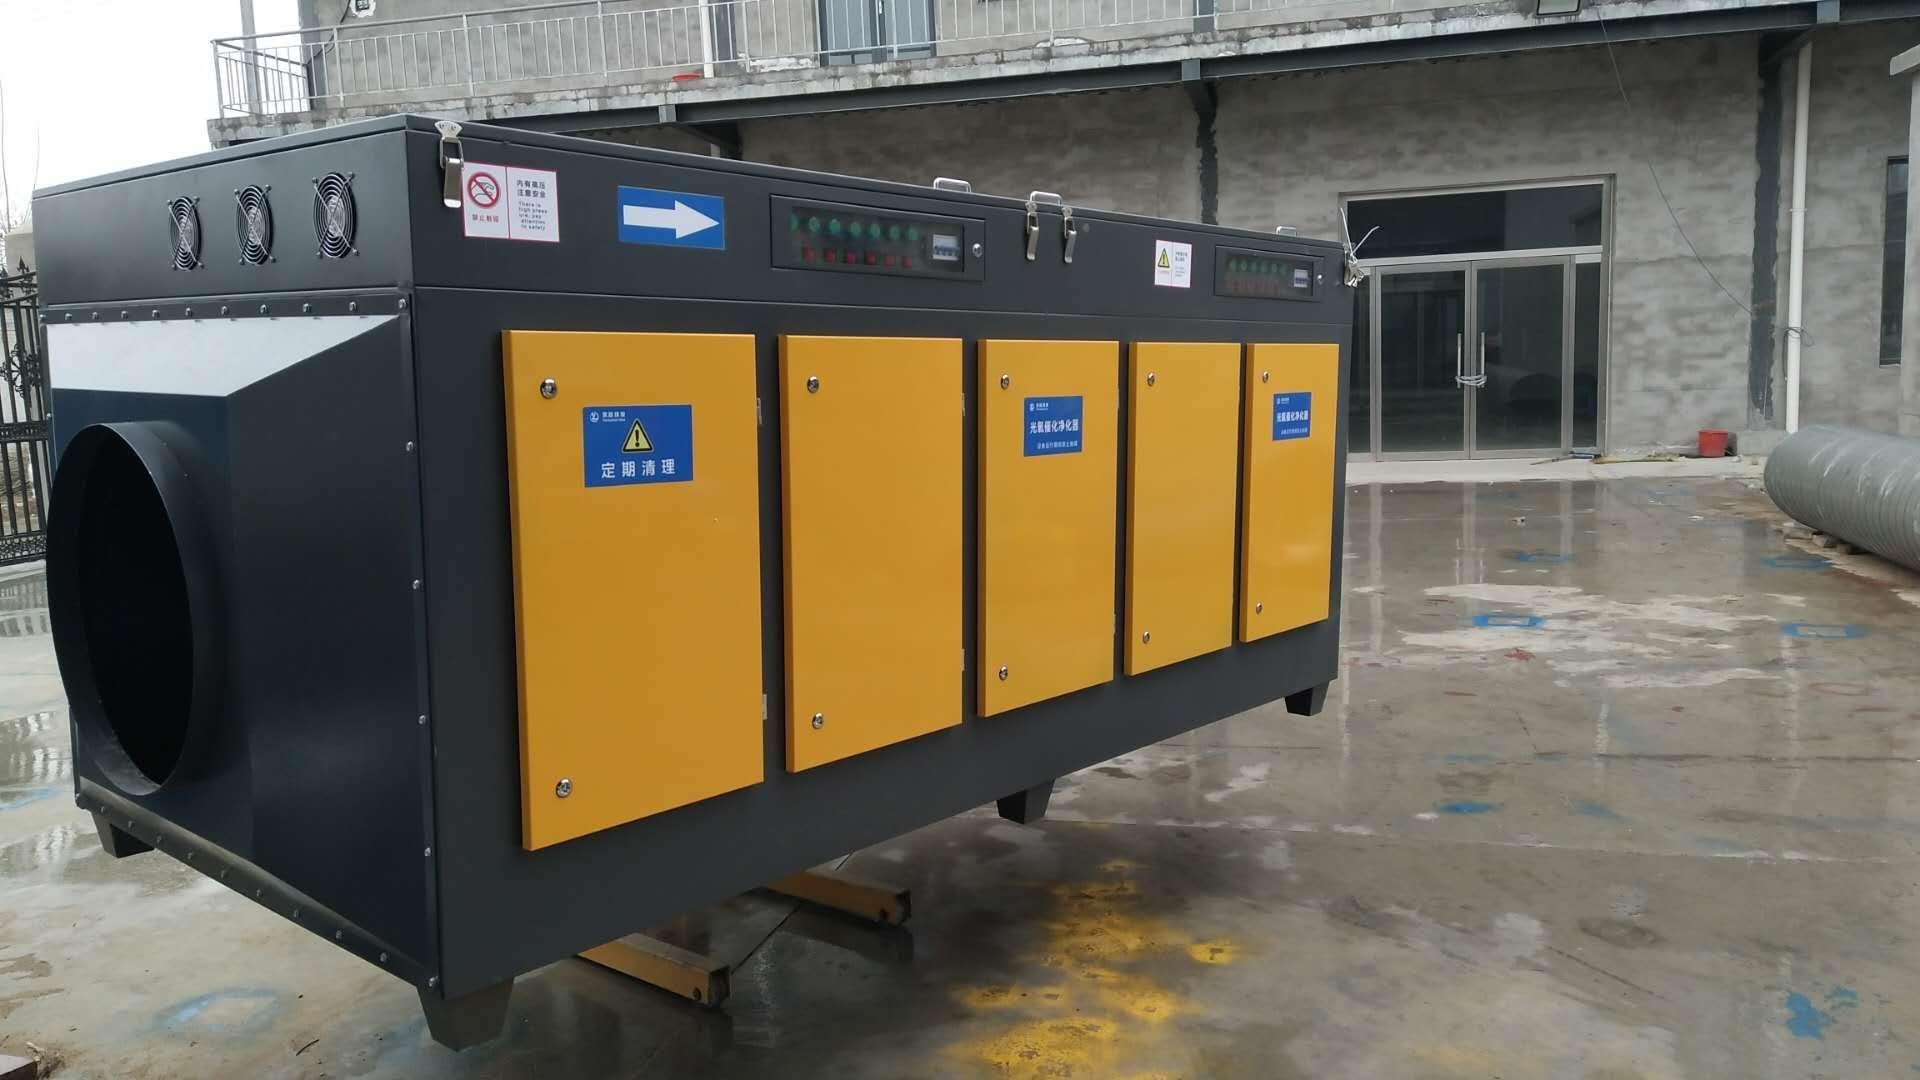 汉中炼油厂臭气异味选用什么设备处理效果好光氧催化废气净化设备